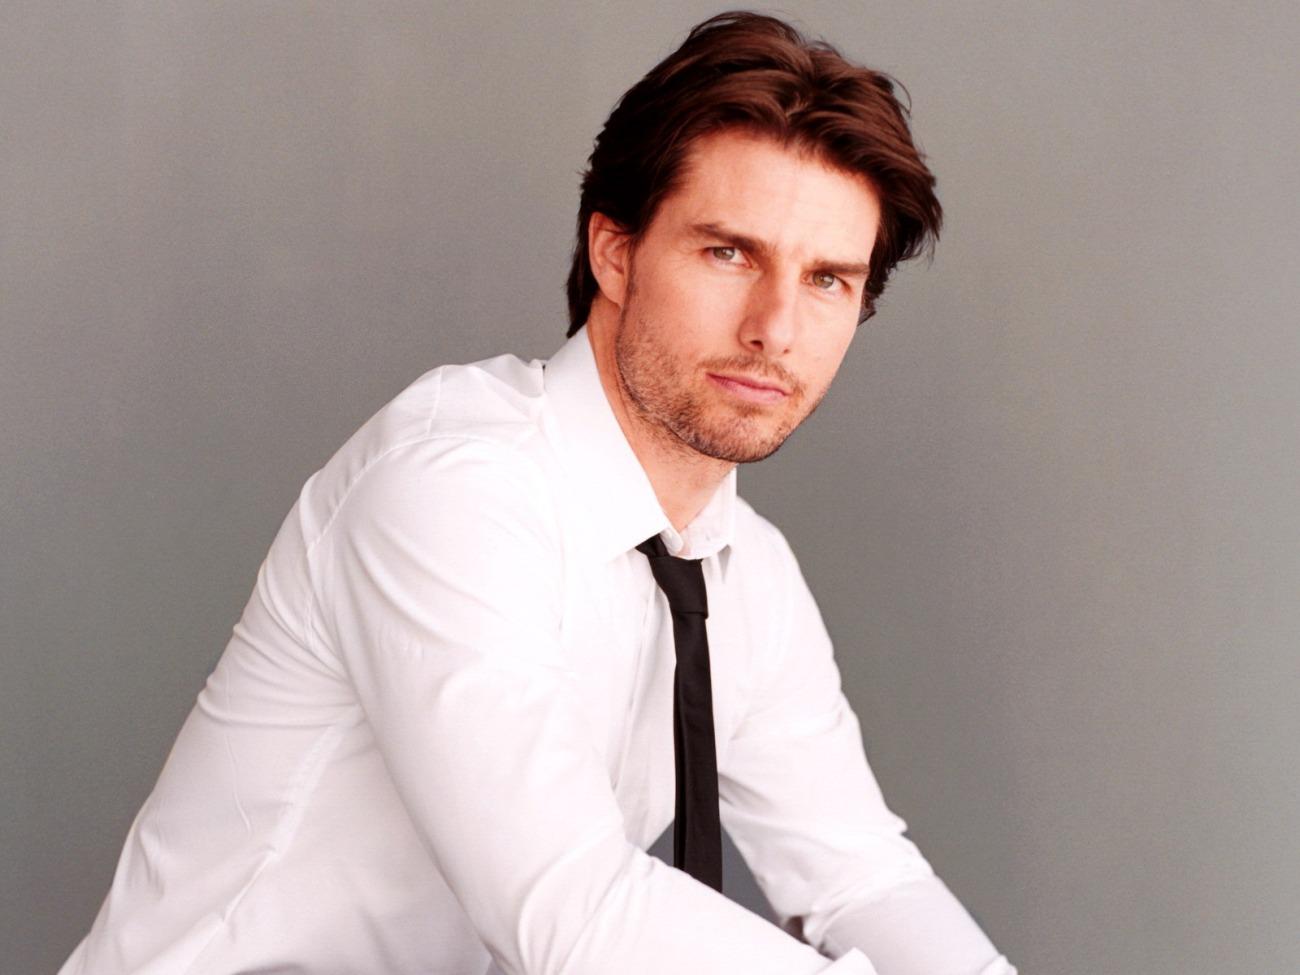 Tom Cruise Wallpaper @ go4celebrity.com